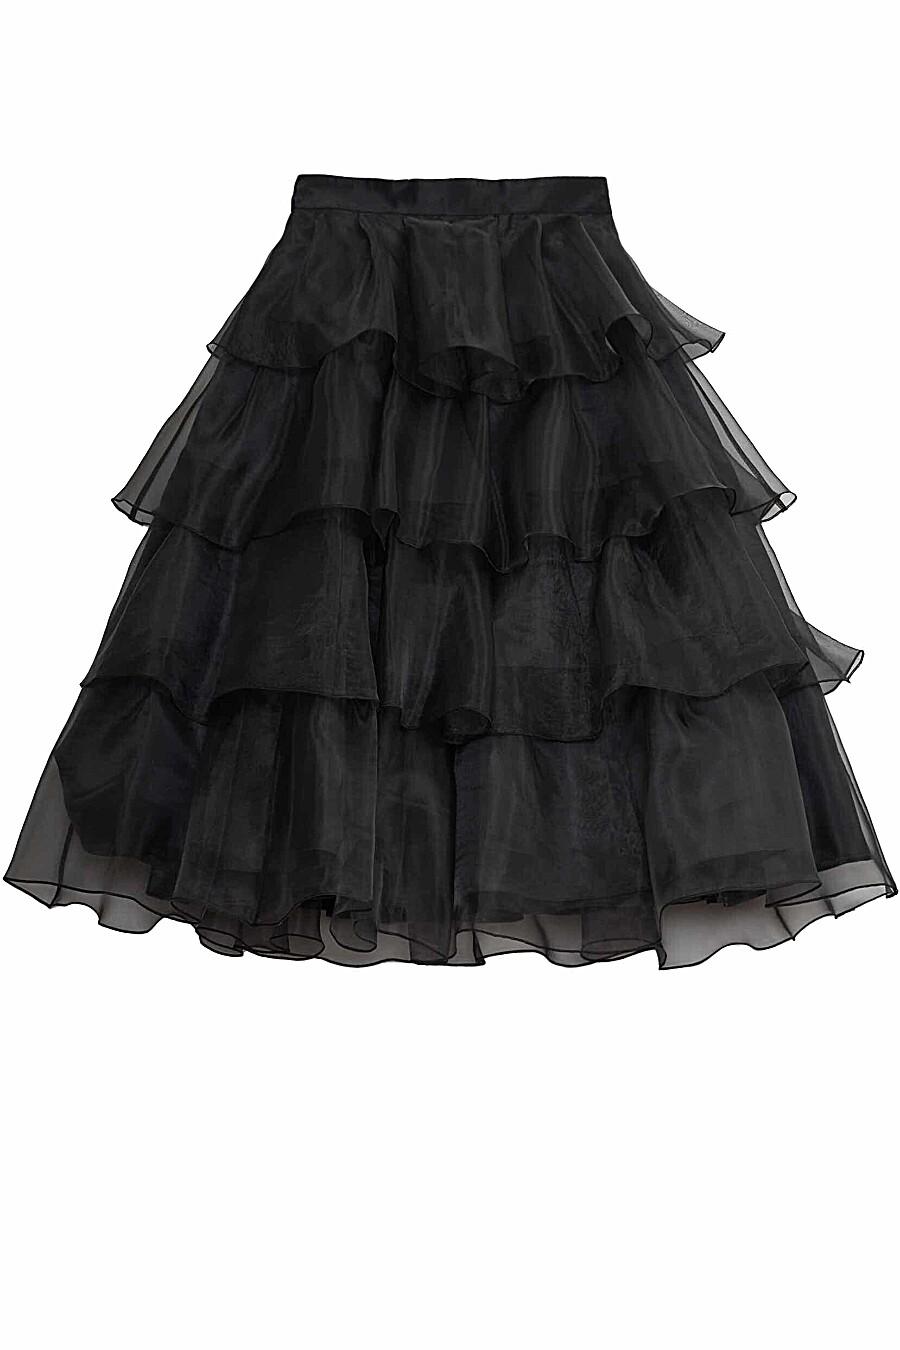 Юбка для женщин CALISTA 707319 купить оптом от производителя. Совместная покупка женской одежды в OptMoyo